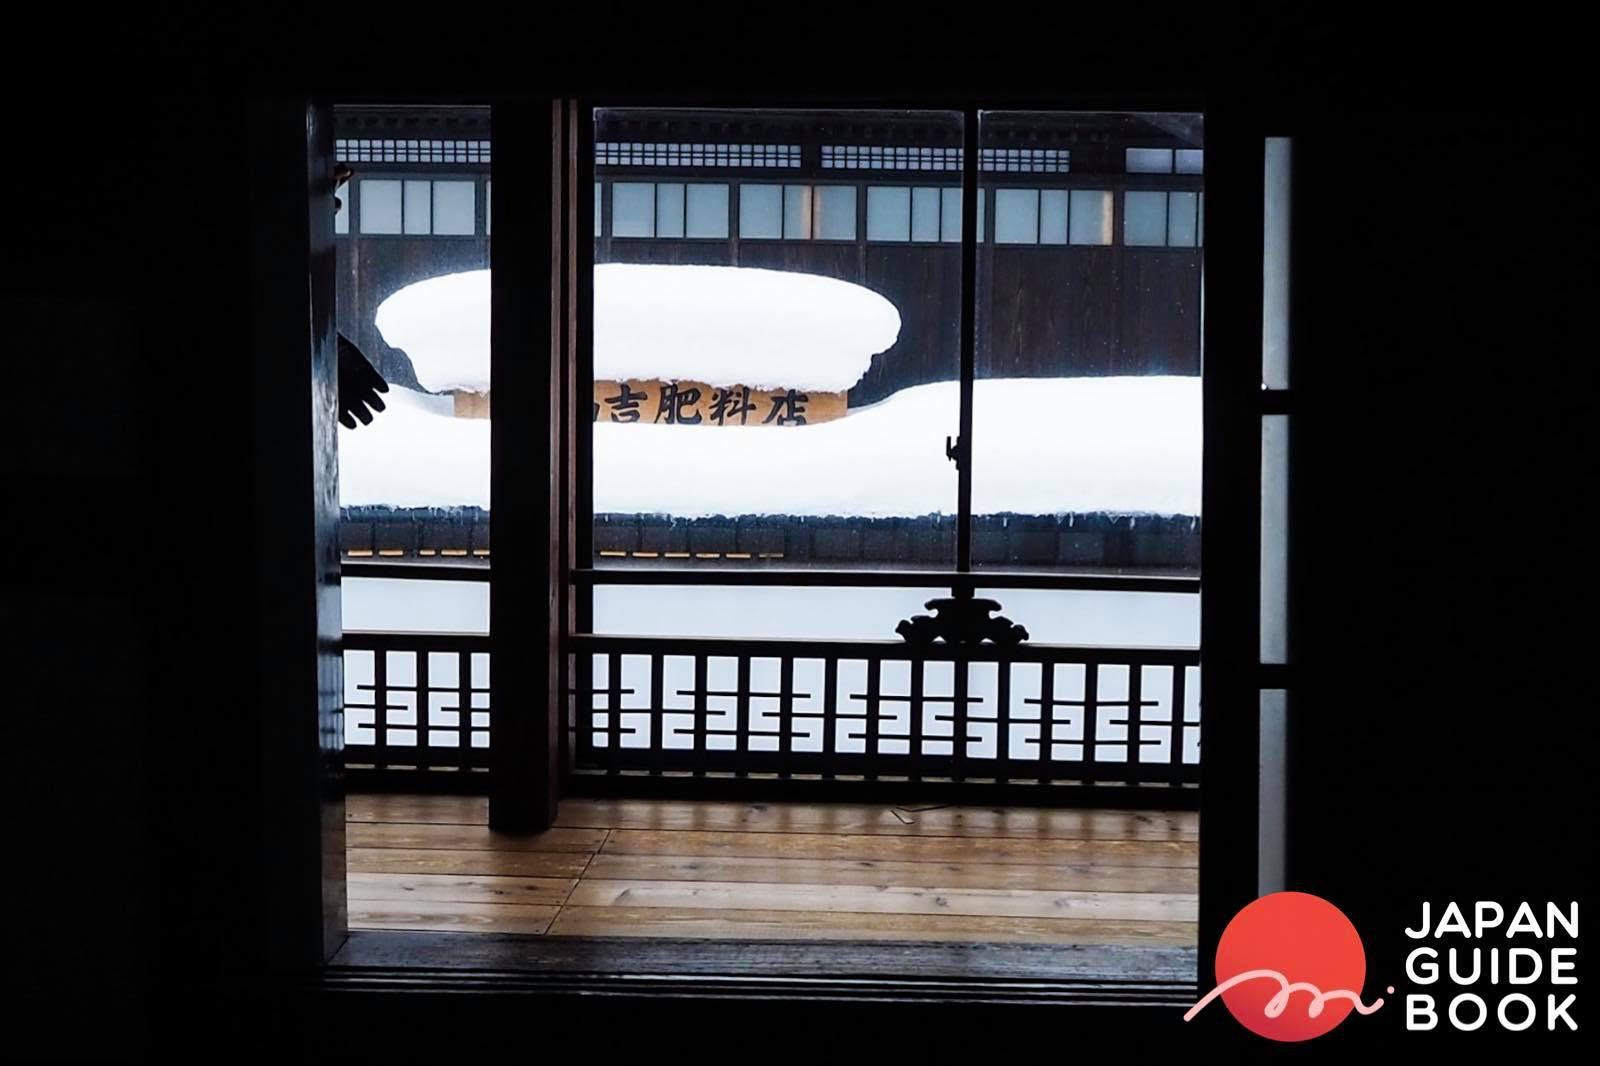 จุดที่มองลงมาจากข้างบนของ Uchigura